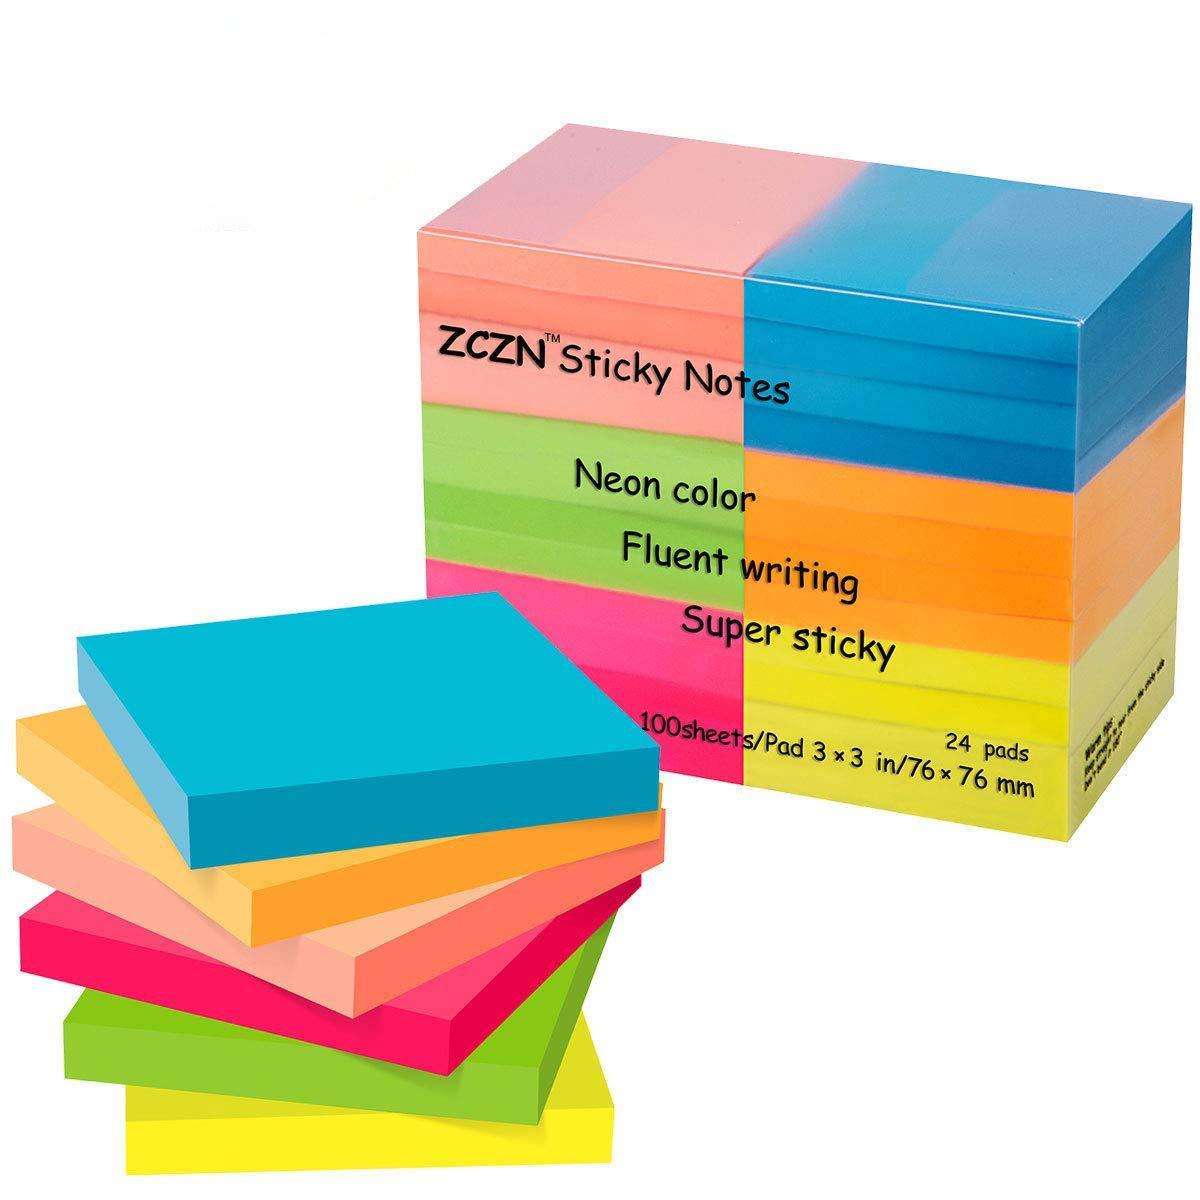 Zczn 6Bright color notes Sticky notes, 3in x 3in confezione da 12pastiglie/100fogli/Pad Sticky questione è migliorato Confezione da 24 Solux